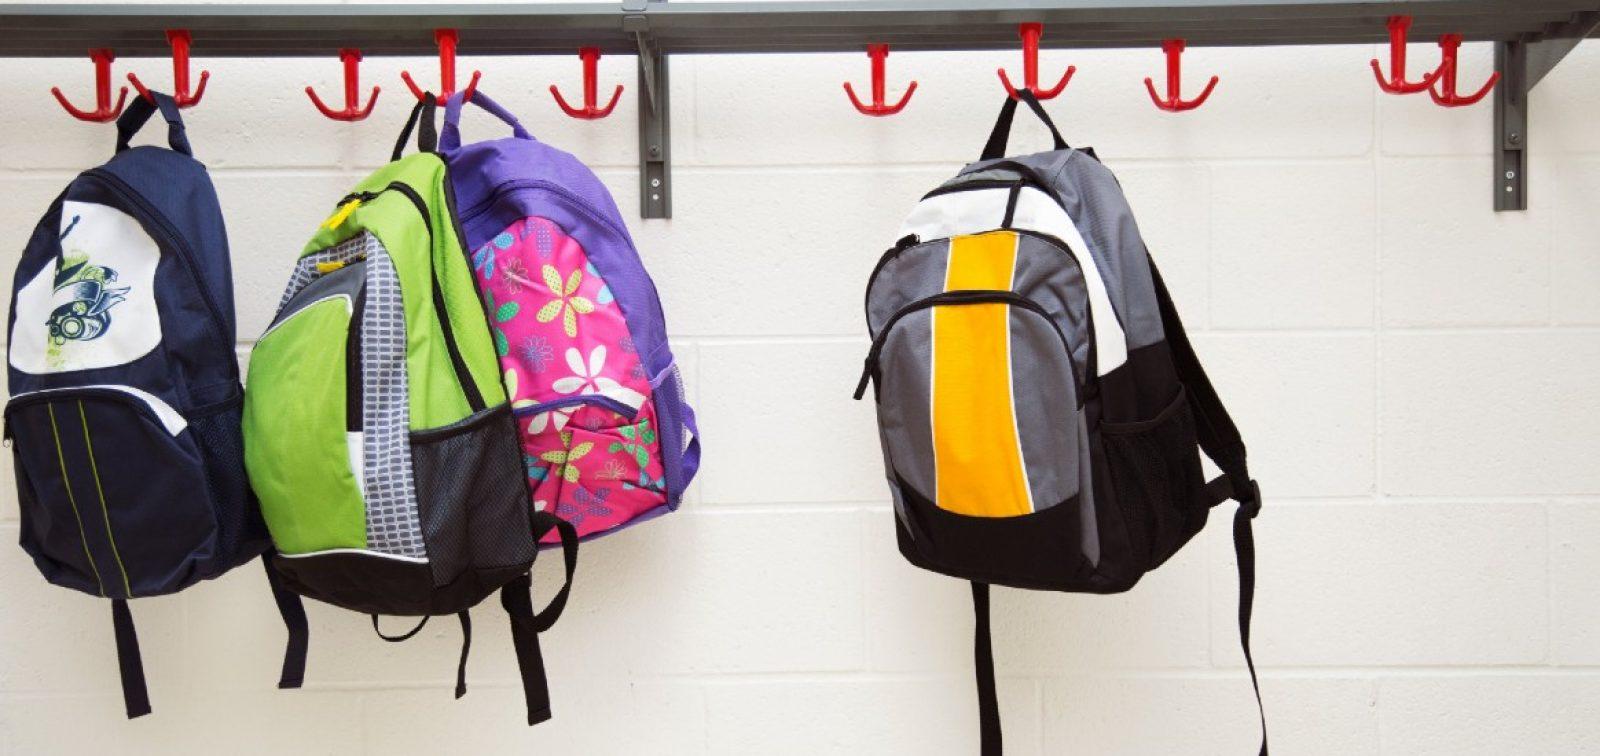 backpacks-hanging-on-hooks 1